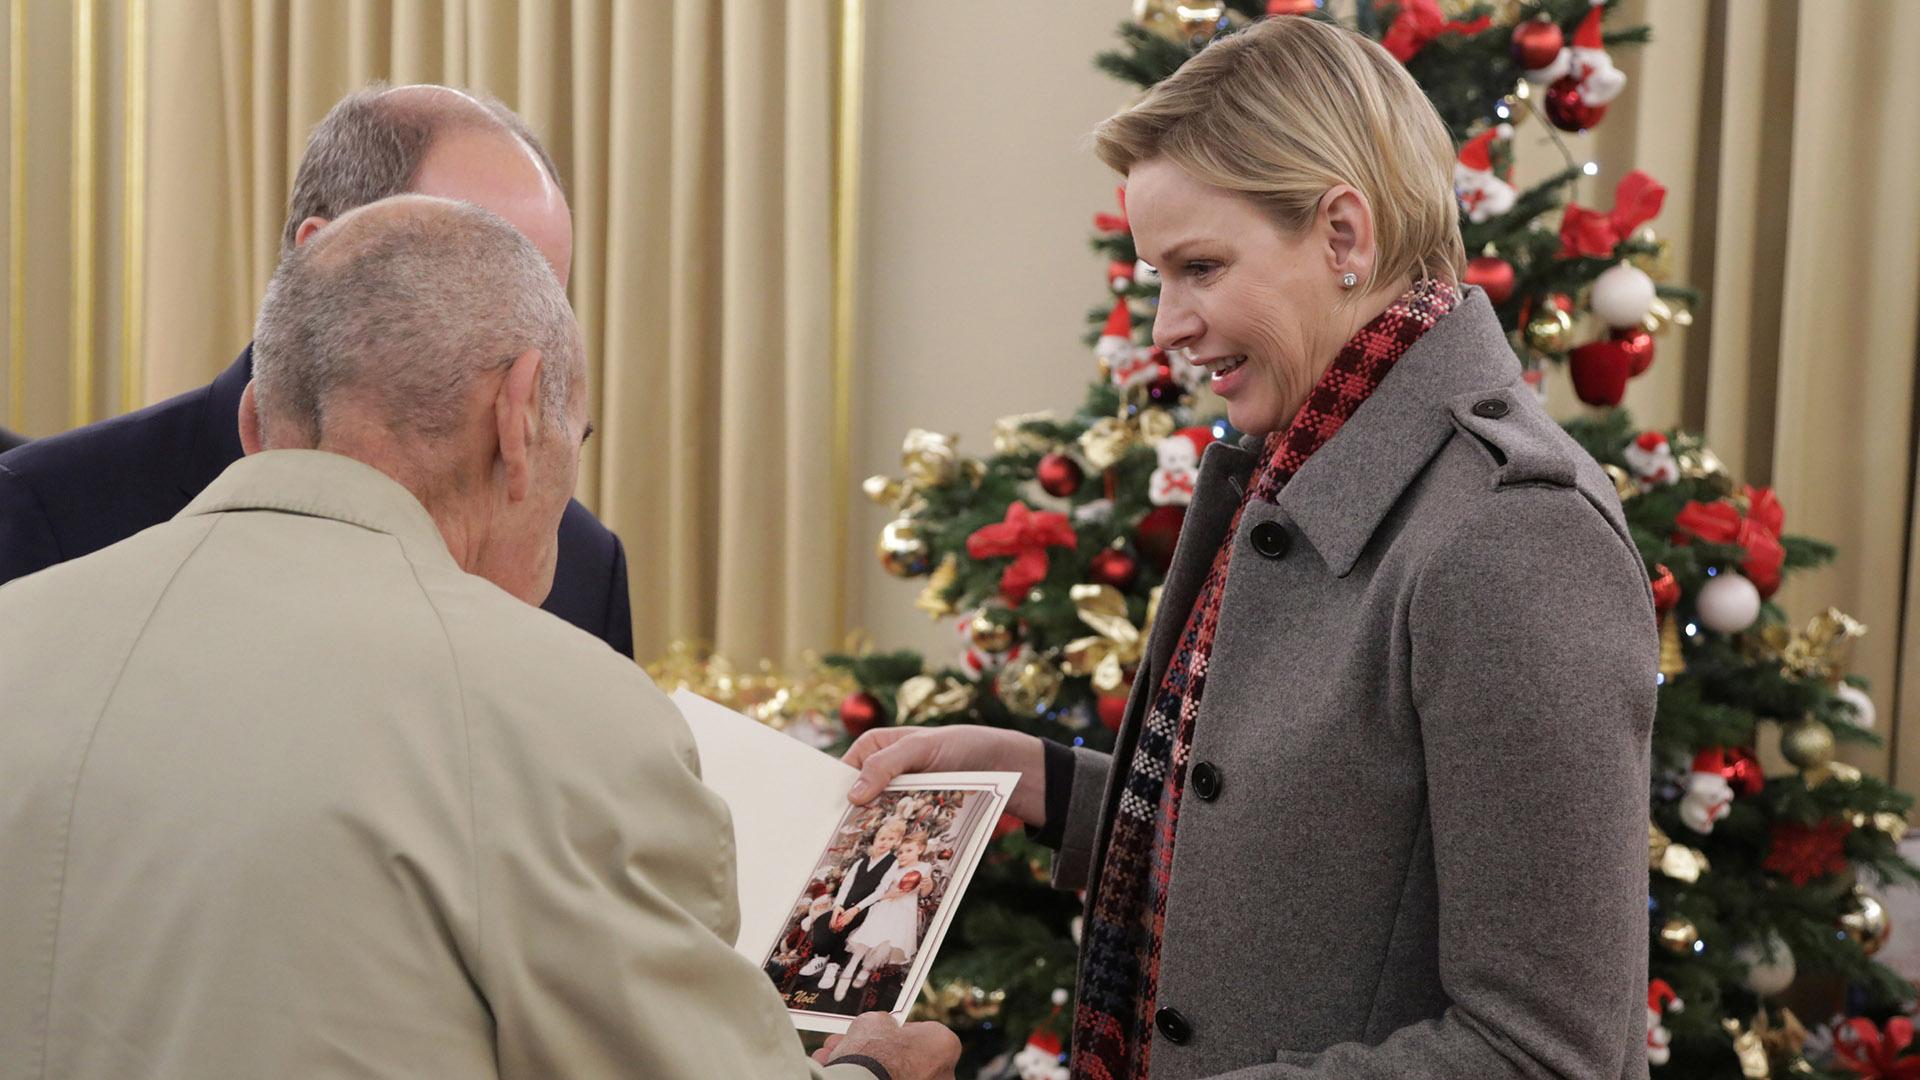 Charlene sonríe orgullosa mientras muestra una postal navideña con la fotografía de sus hijos, los príncipes Jacques y Gabriella